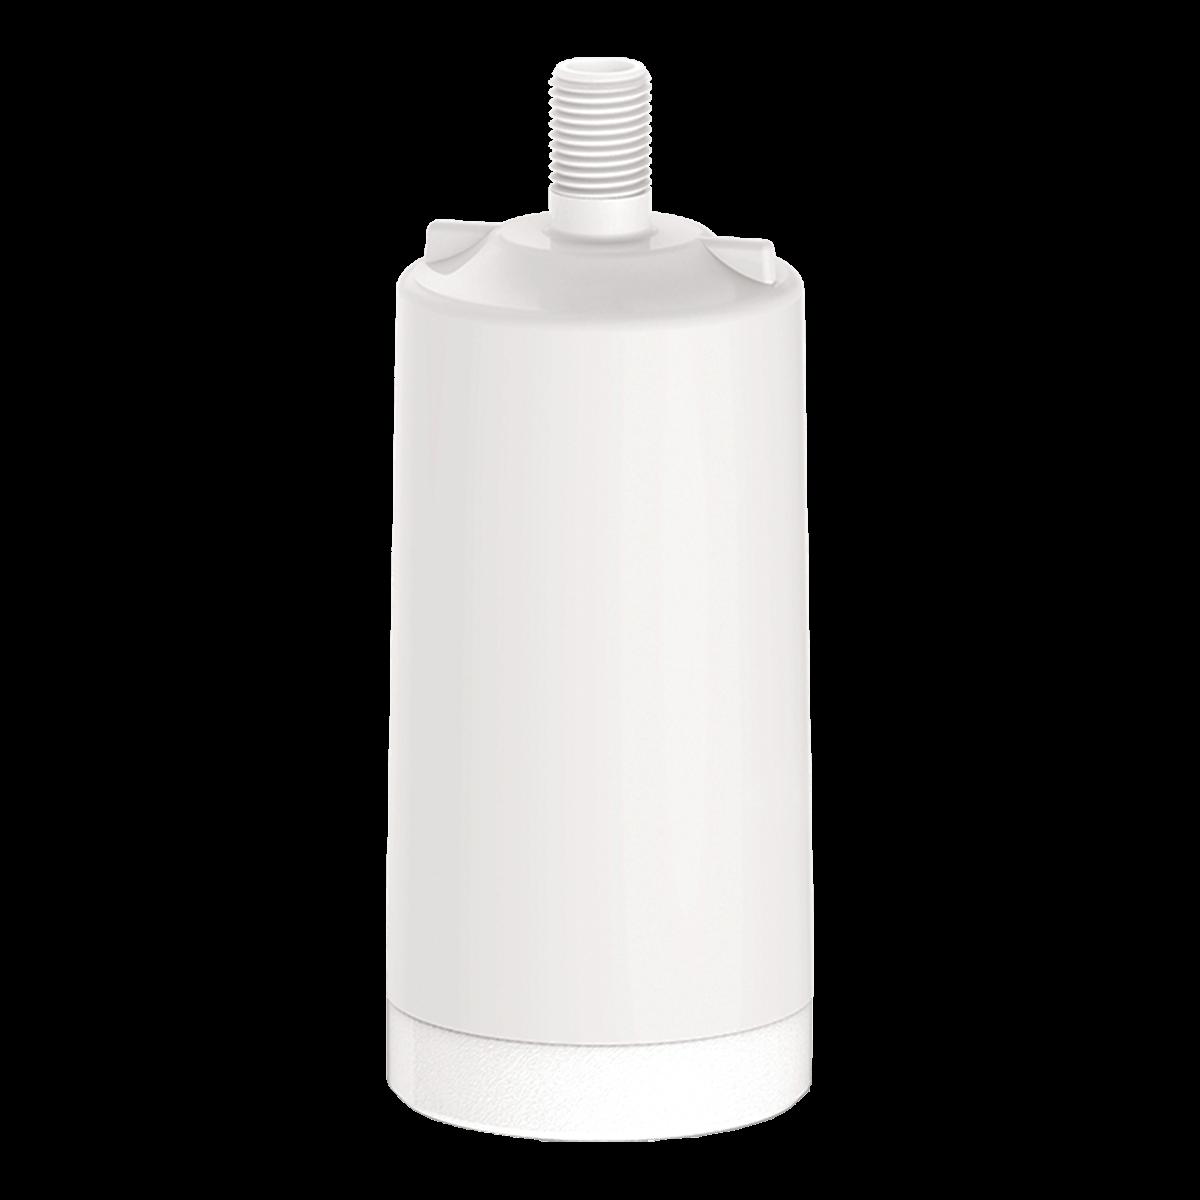 Refil de Filtro Universal Rosca Curta  - DOTEC SHOP